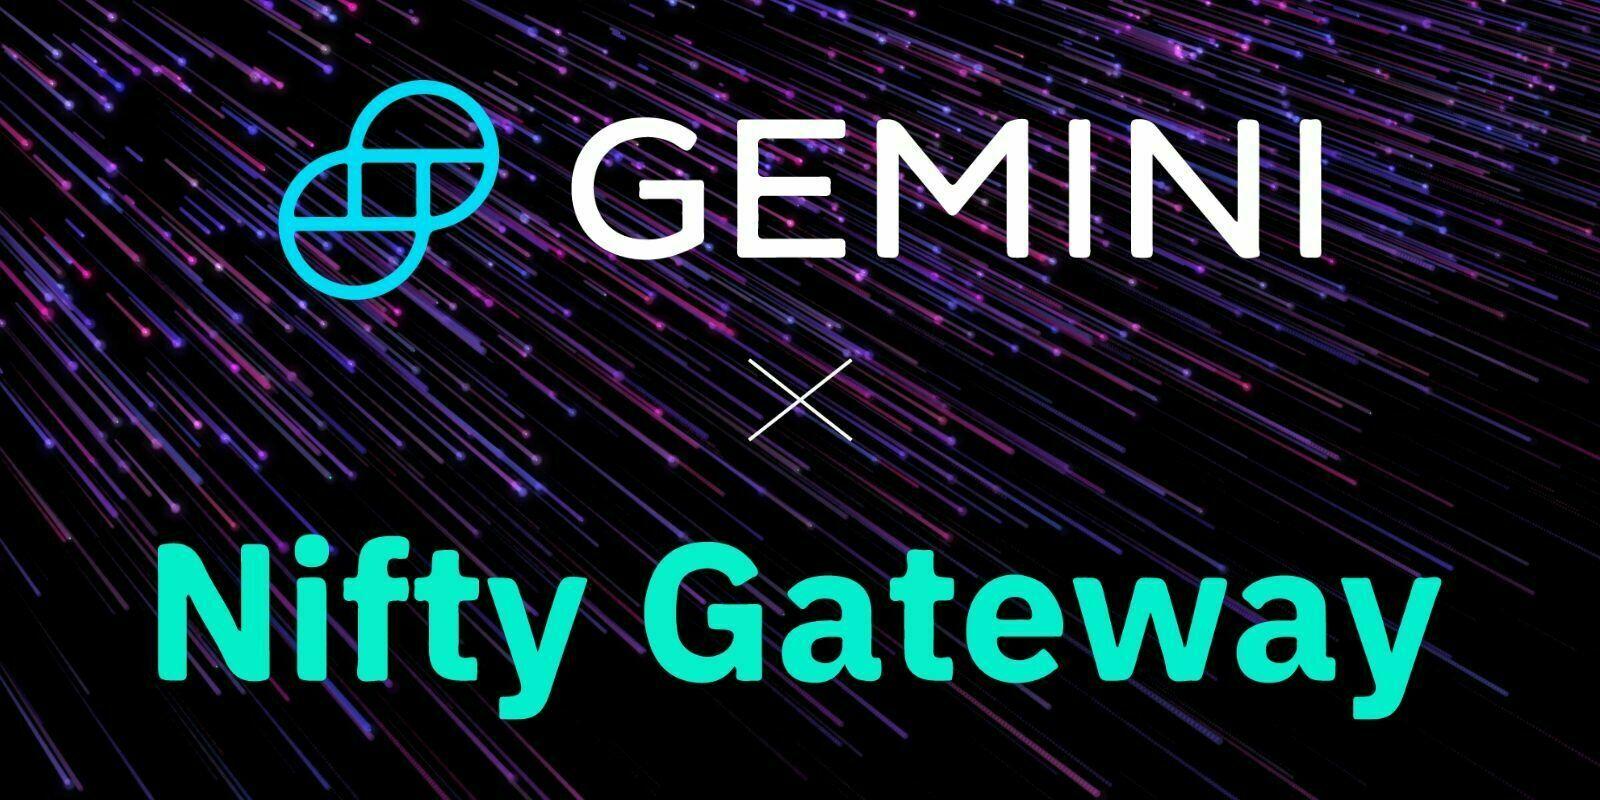 Gemini fait l'acquisition de la plateforme de NFT Nifty Gateway